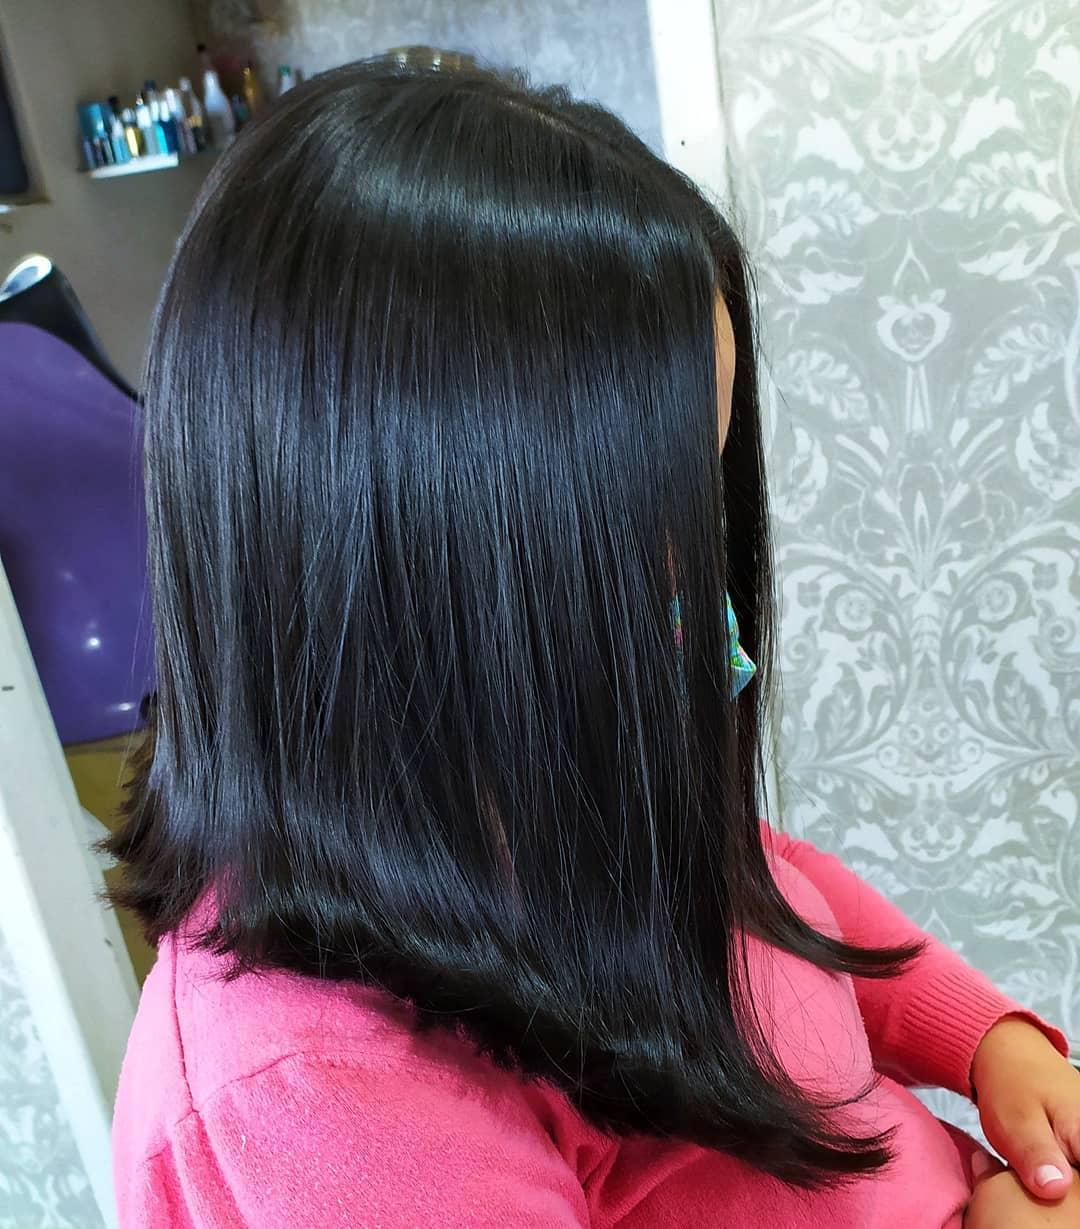 Medium haircut 8